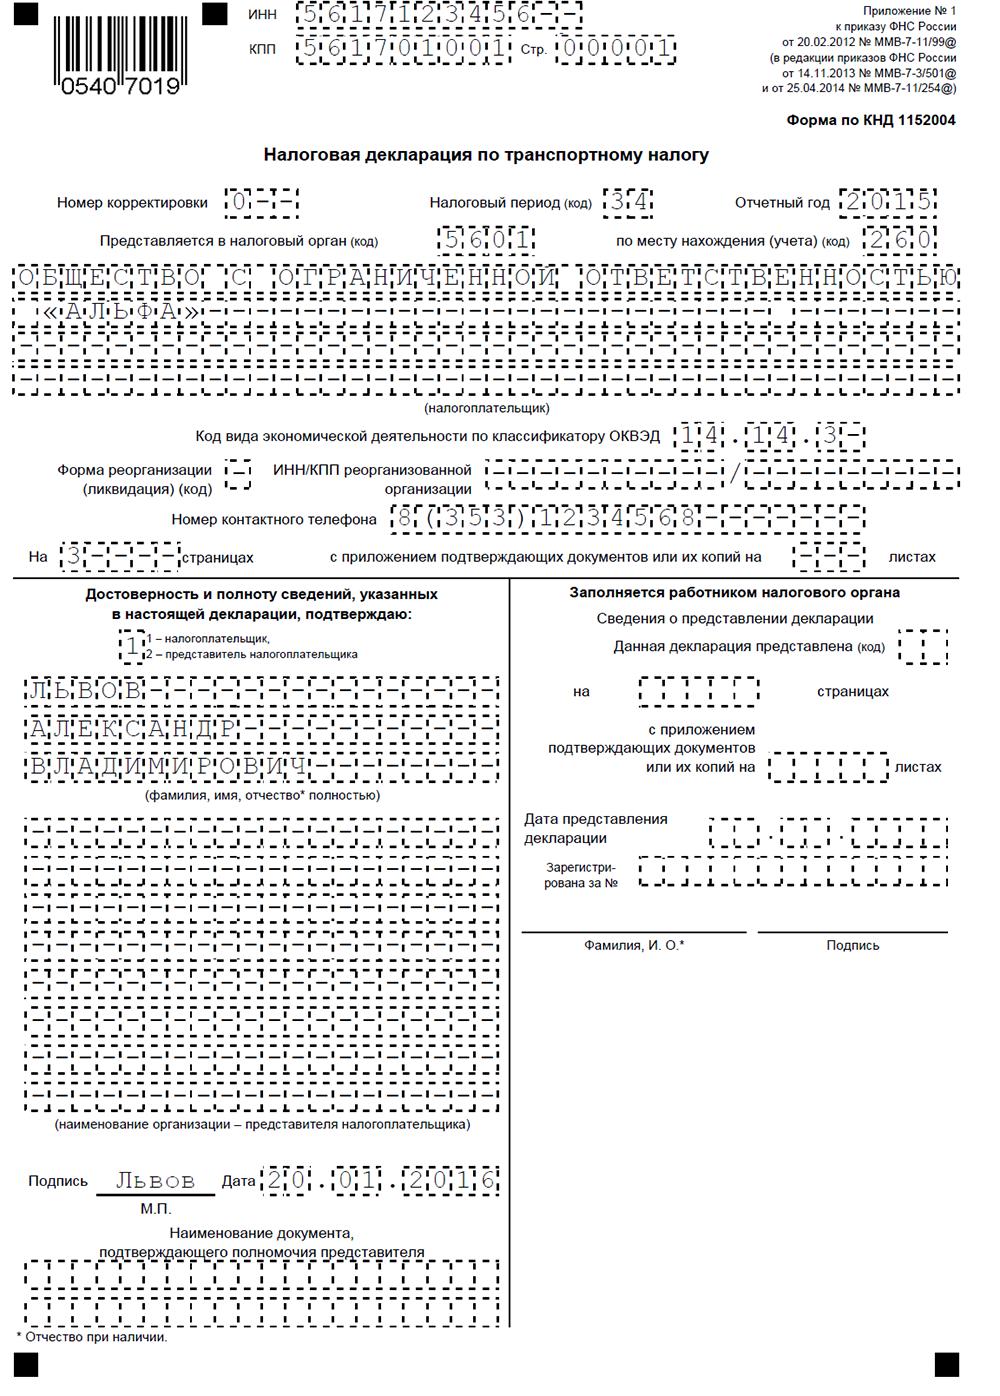 Транспортный налог за 2015 год: бланк декларации, образец заполнения